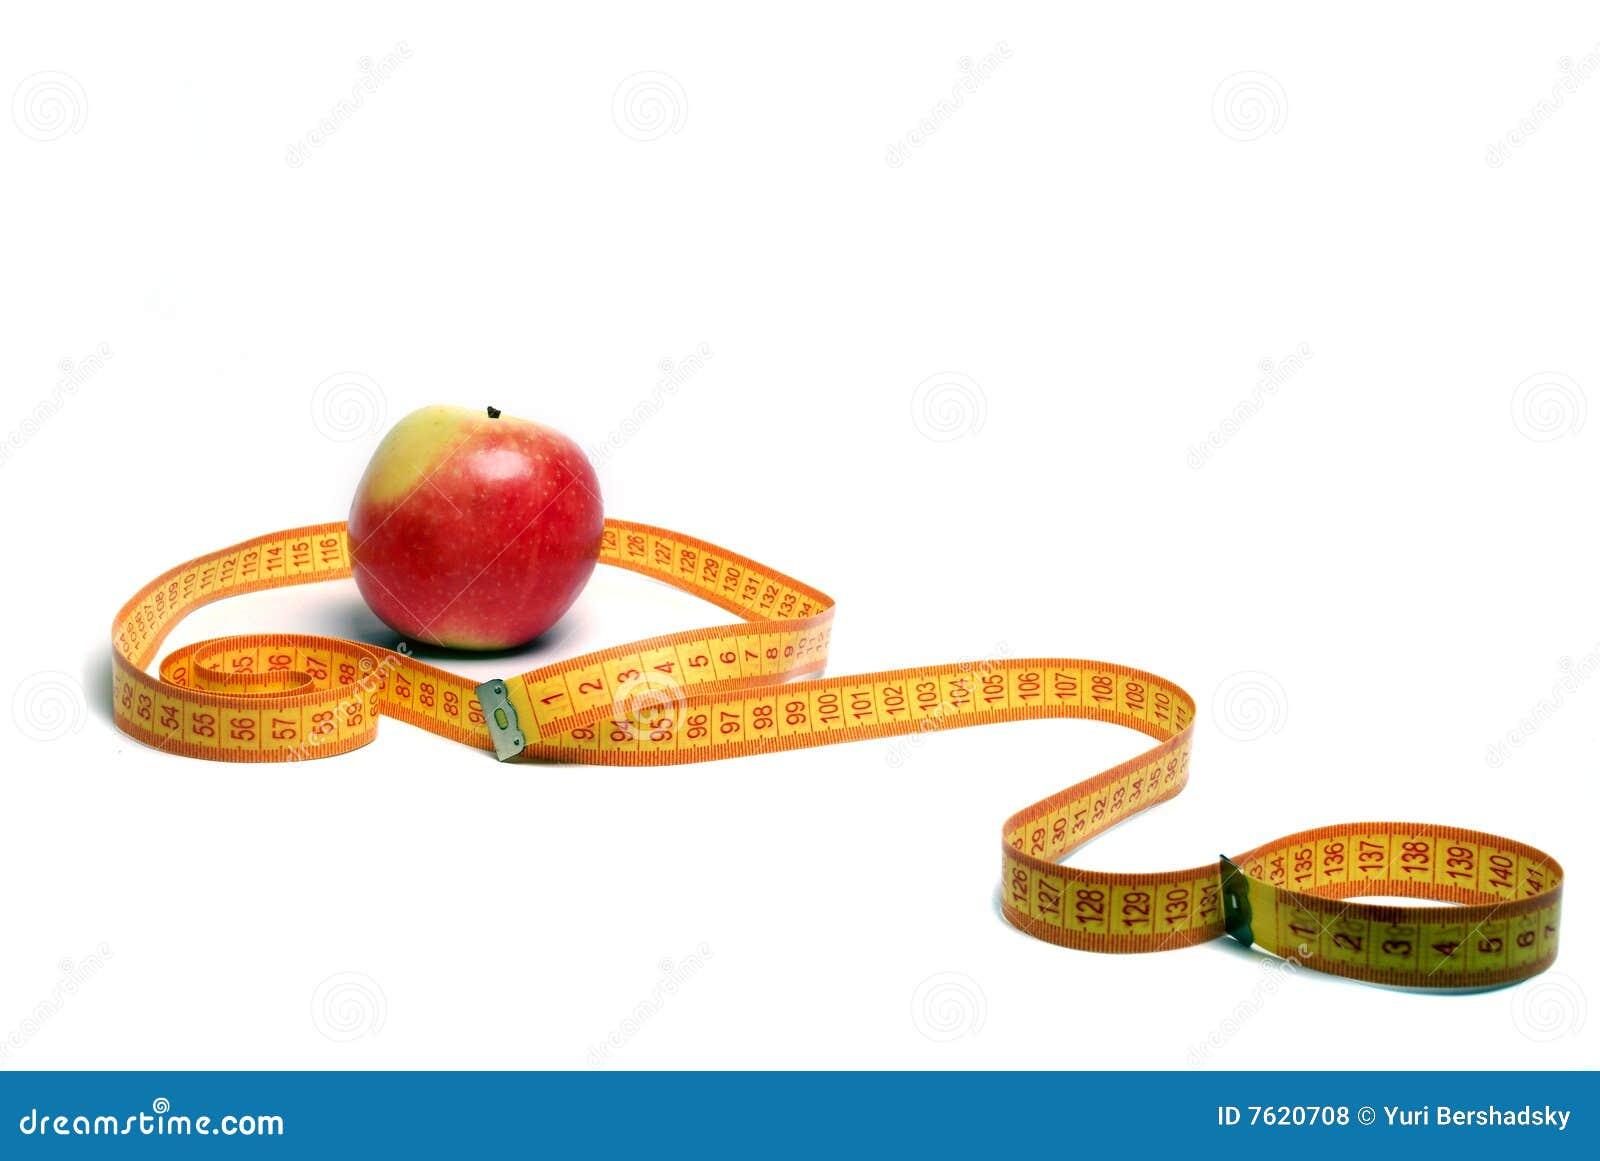 苹果评定的磁带